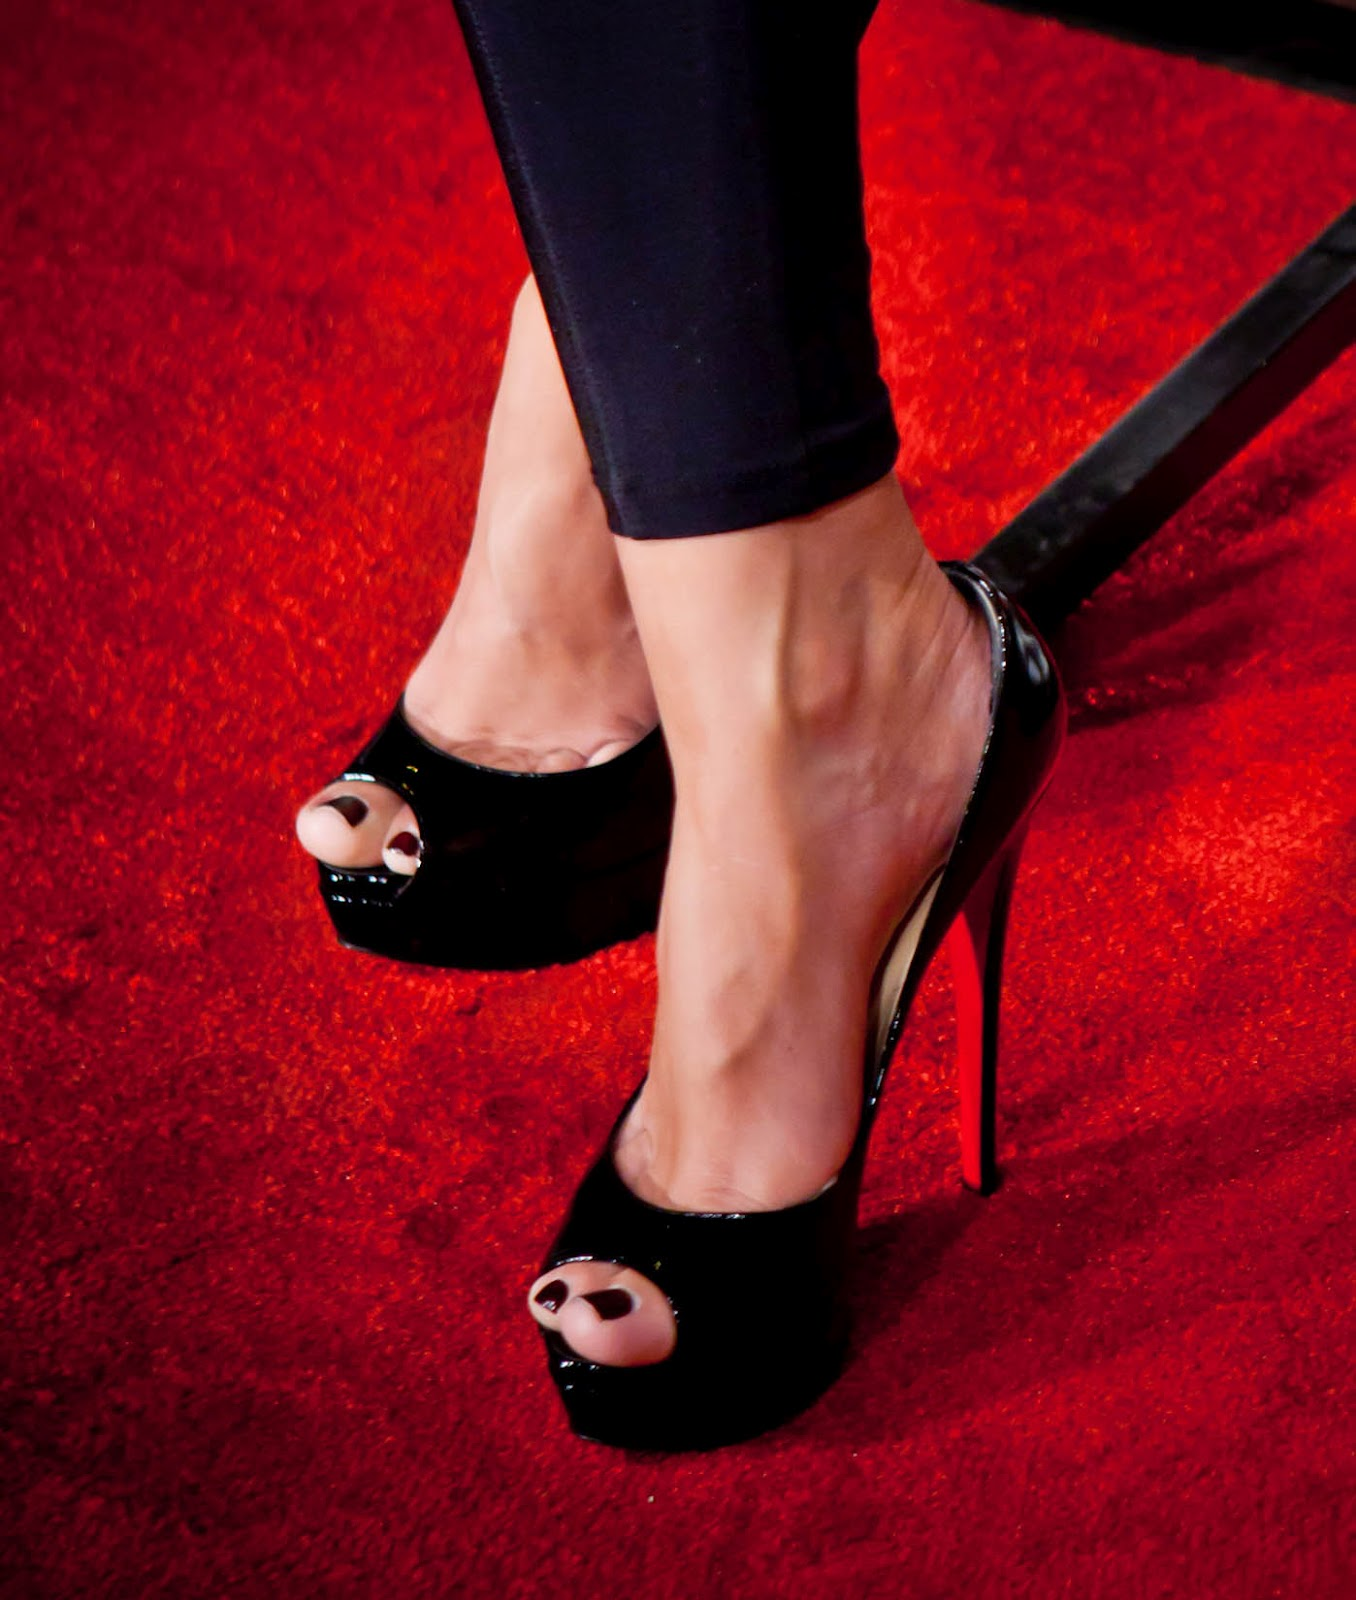 http://1.bp.blogspot.com/-U_TALRAdivg/UG7iYdo8XKI/AAAAAAAAFKQ/5tgn7qch7X0/s1600/Jayde-Nicole-Feet-386808.jpg